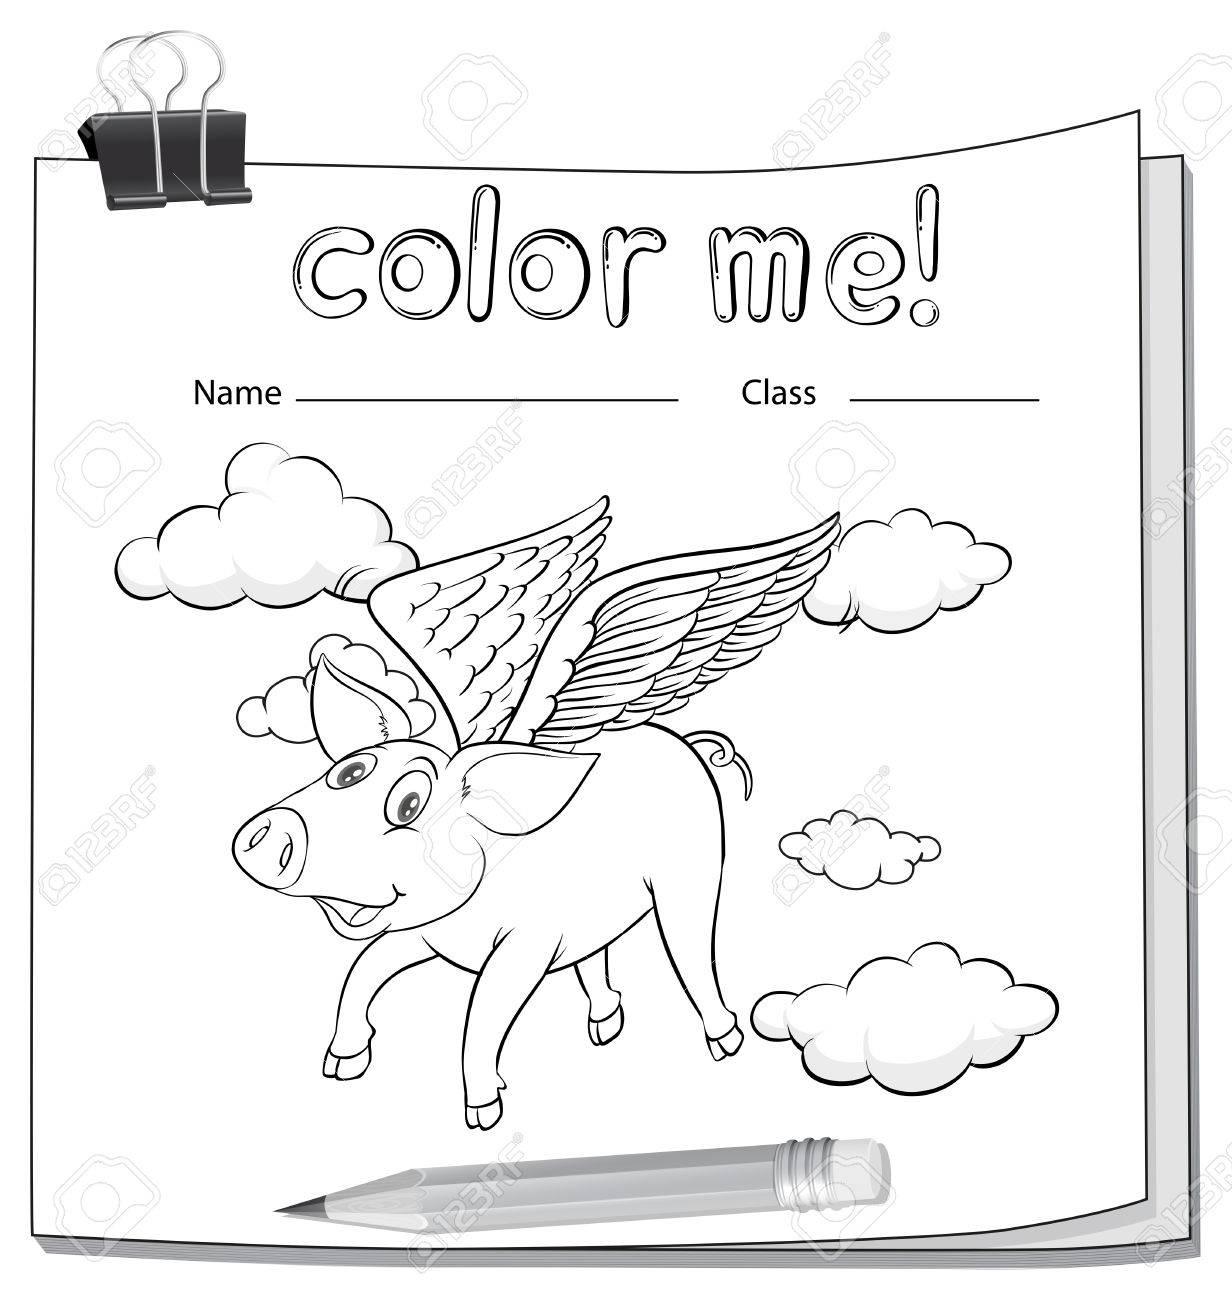 Ein Arbeitsblatt Mit Einem Fliegenden Schwein Auf Weißem Hintergrund ...